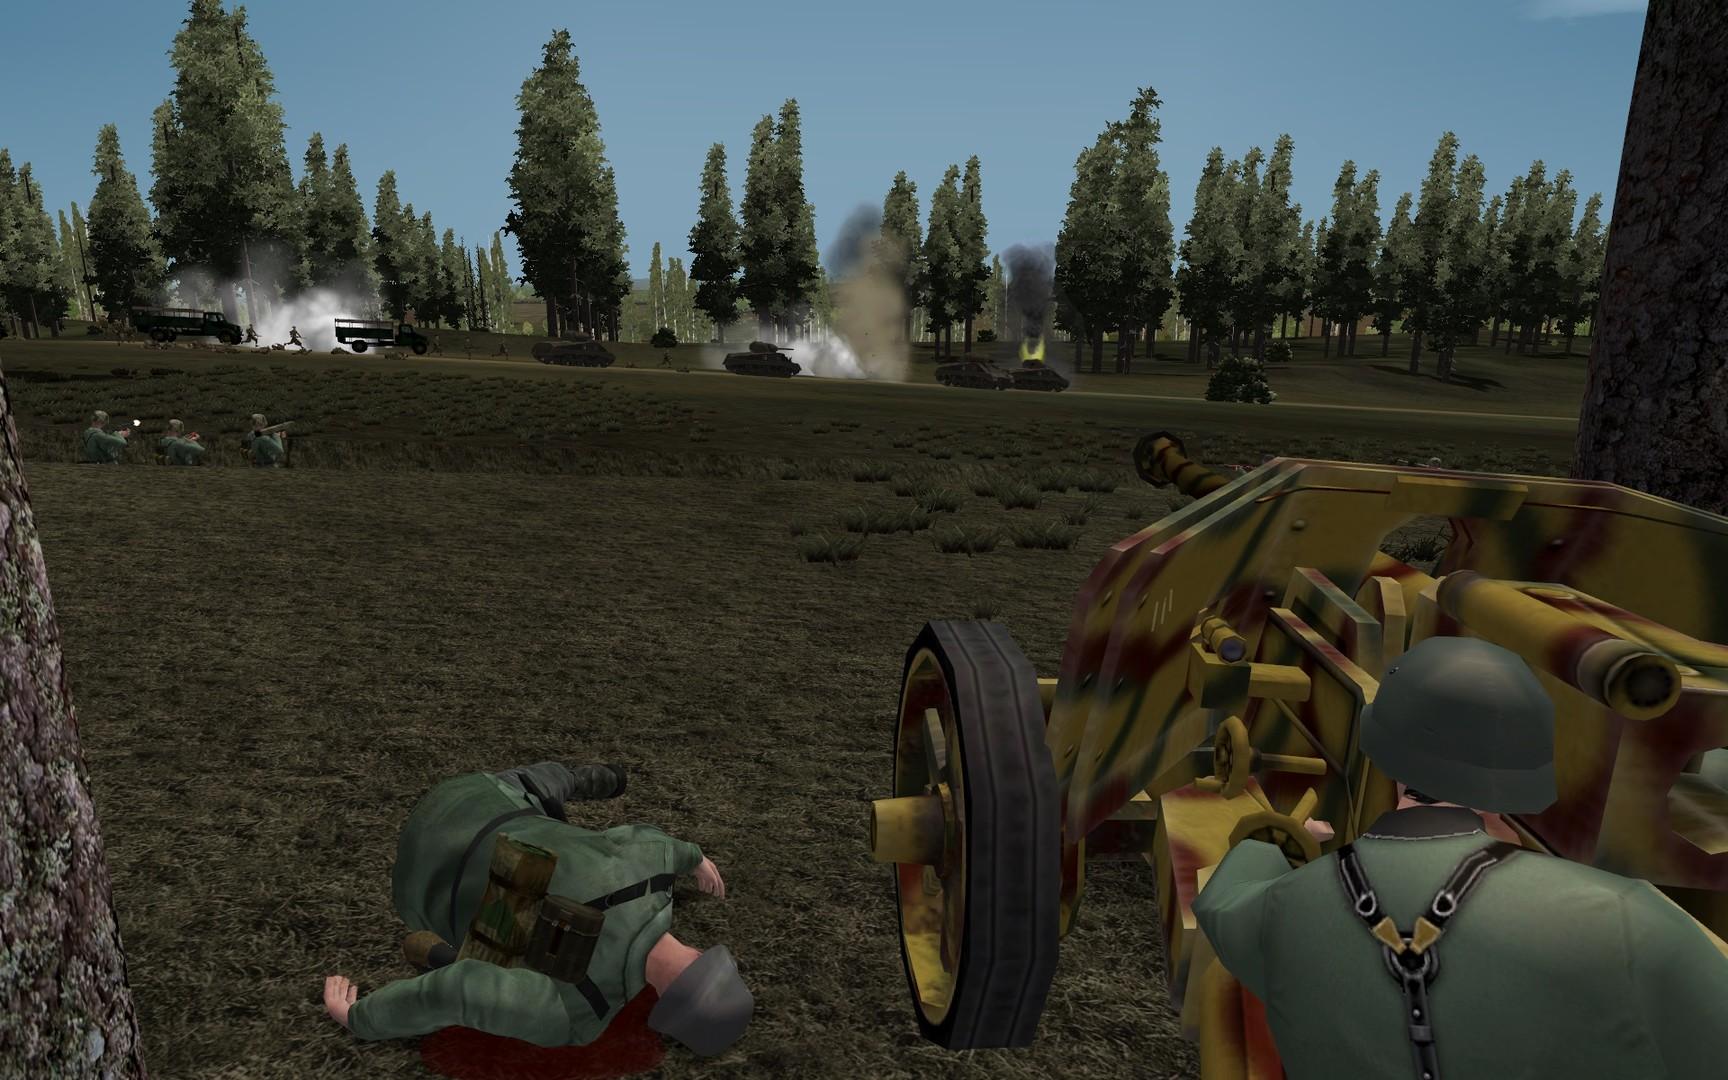 World war 2 games online multiplayer free games avatar arena 2